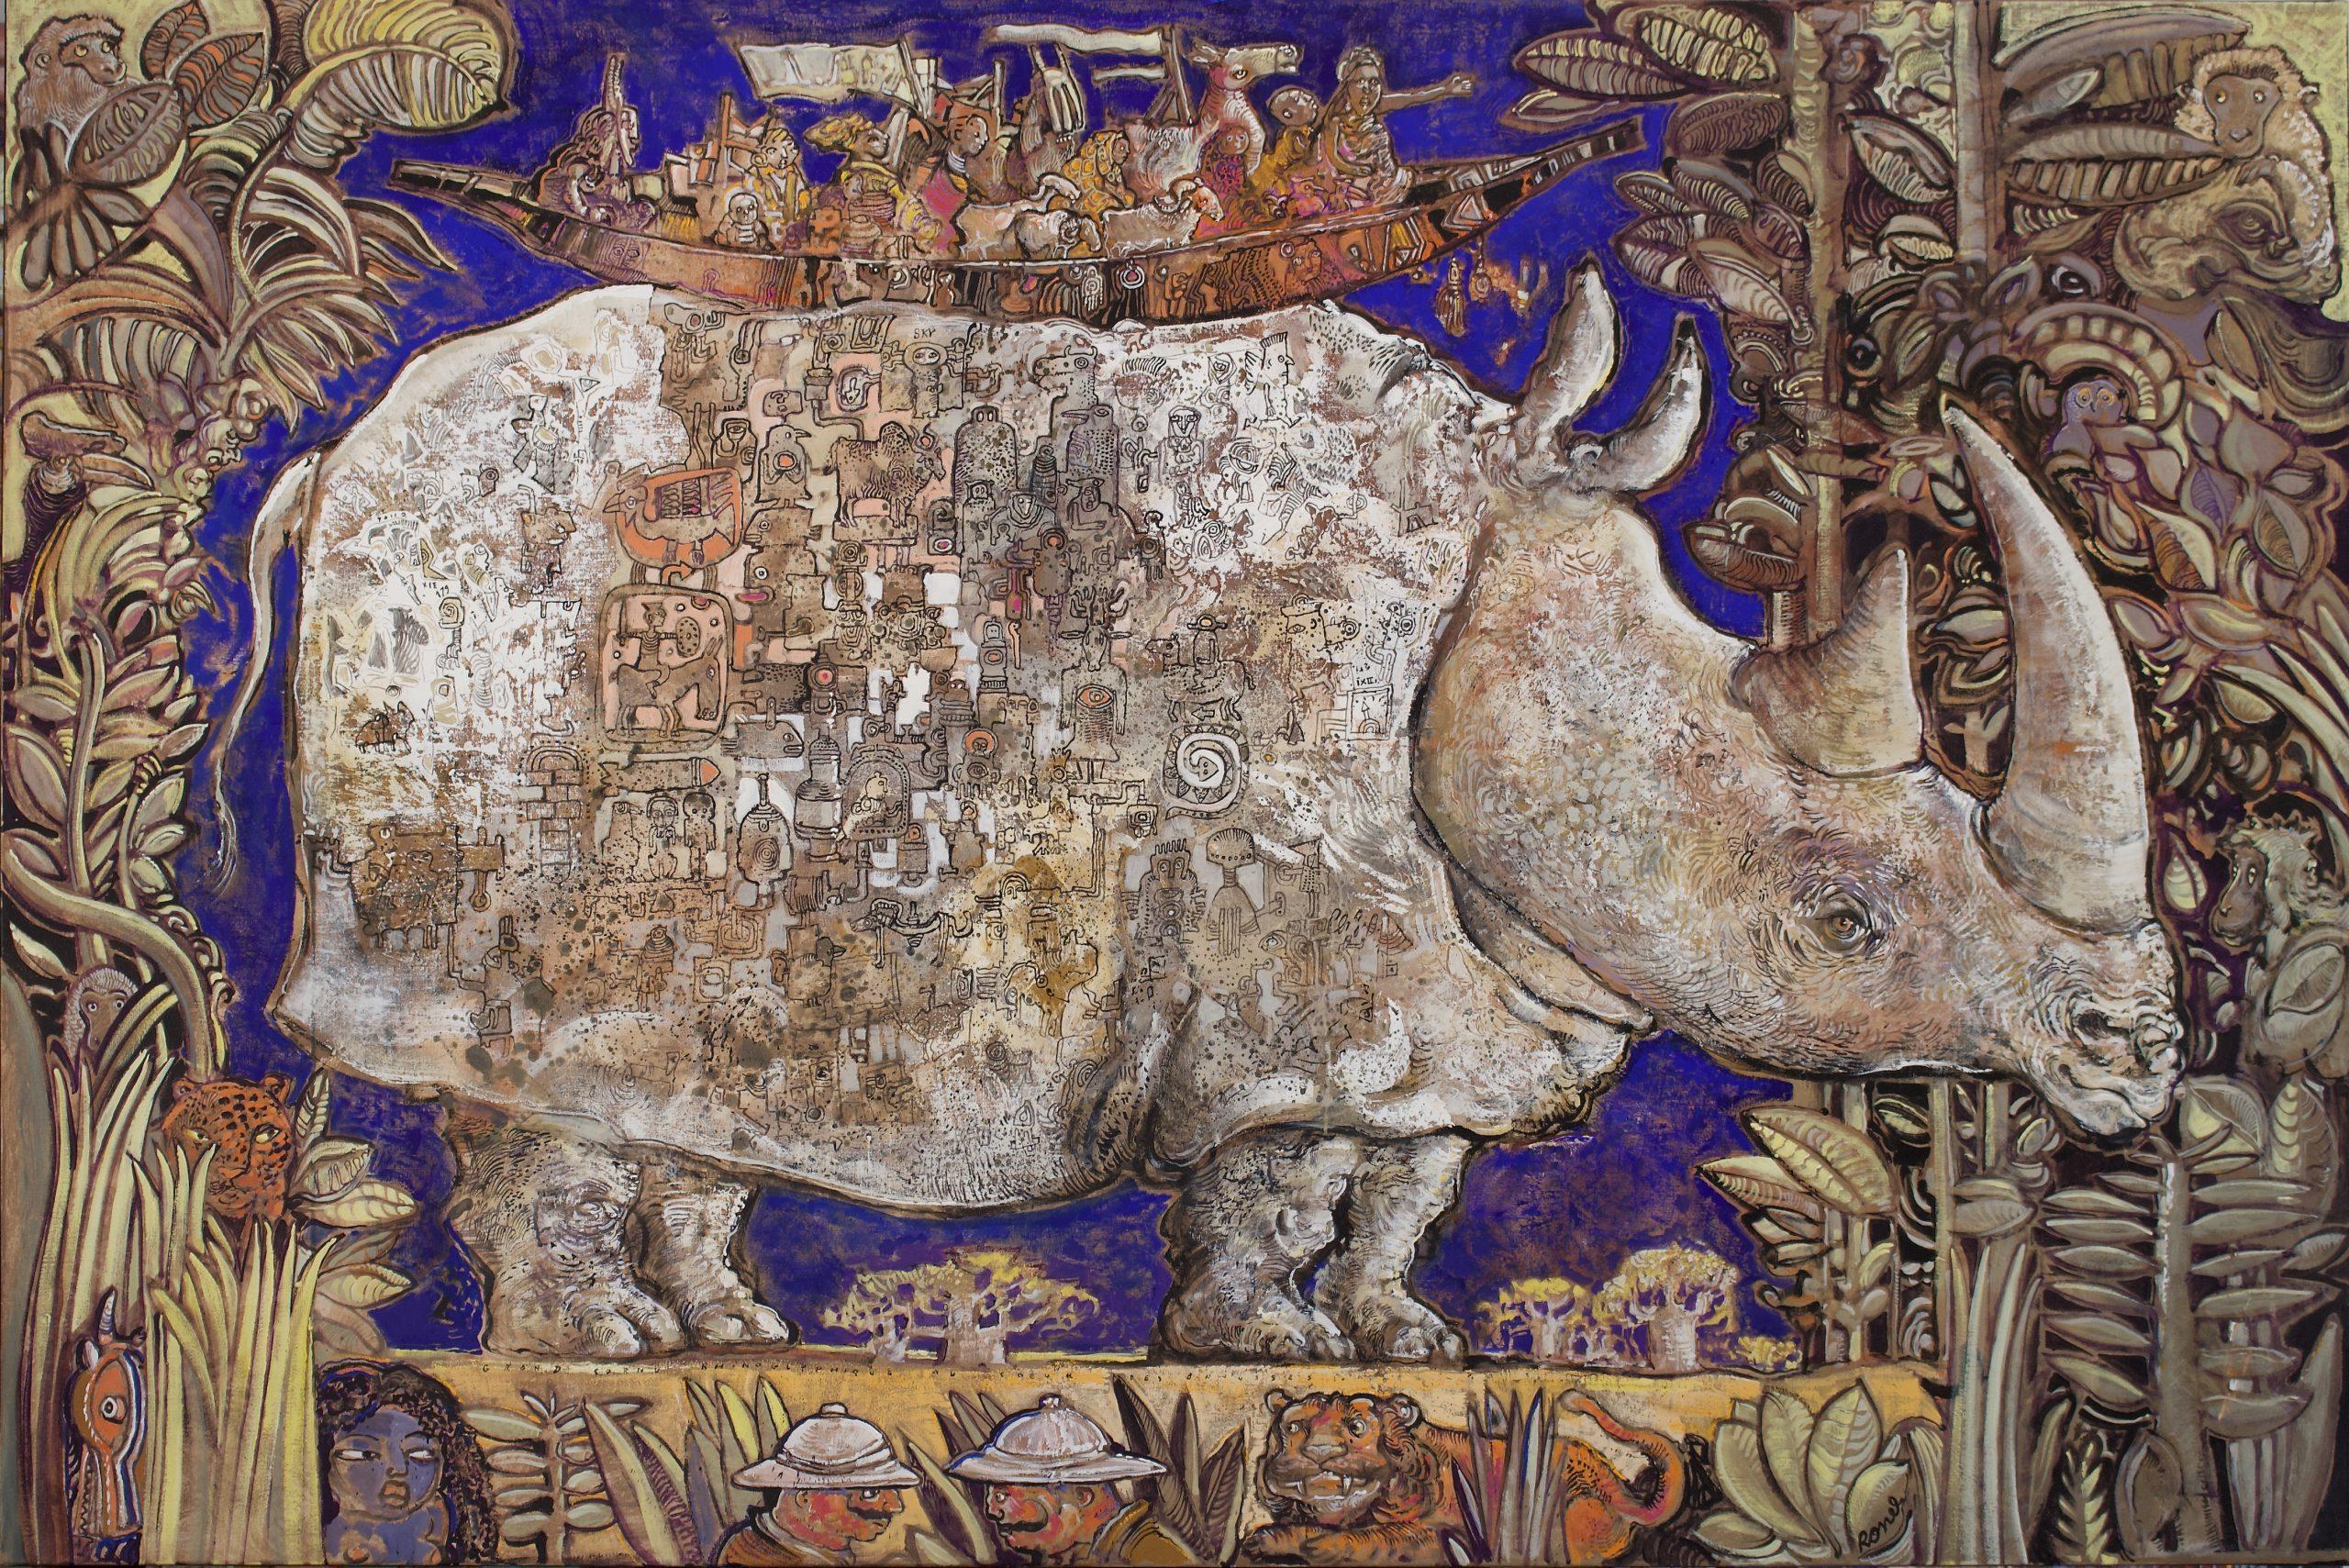 christophe ronel représenté par la Galerie Danielle Bourdette Gorzkowski à honfleur